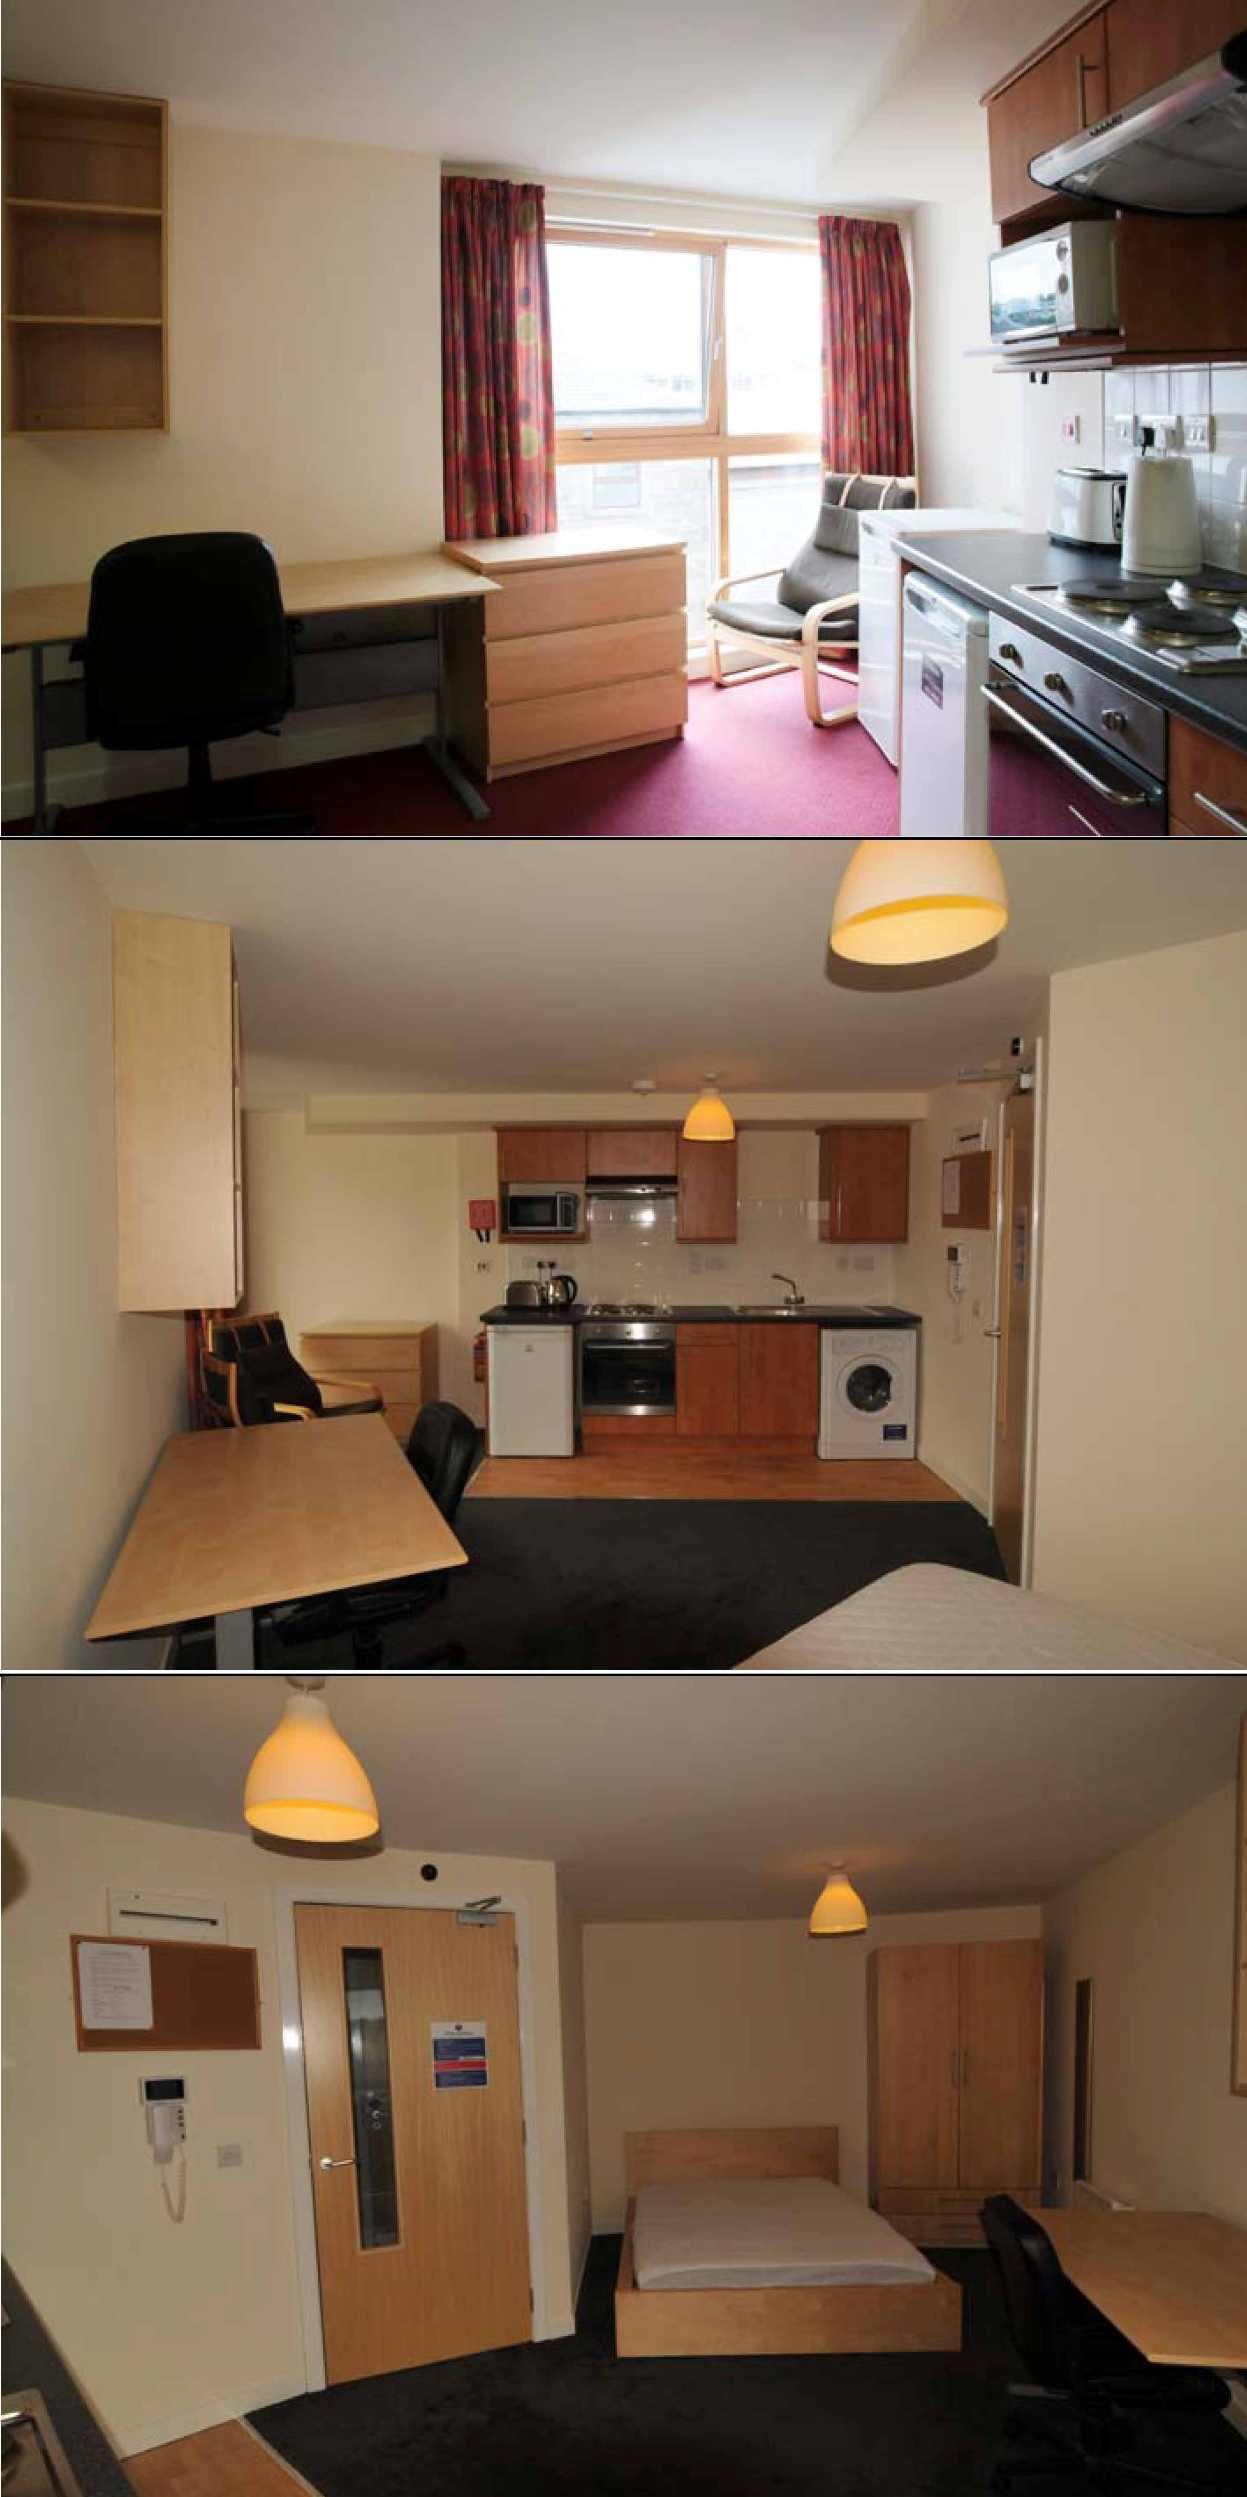 West Campus Studio Apartments